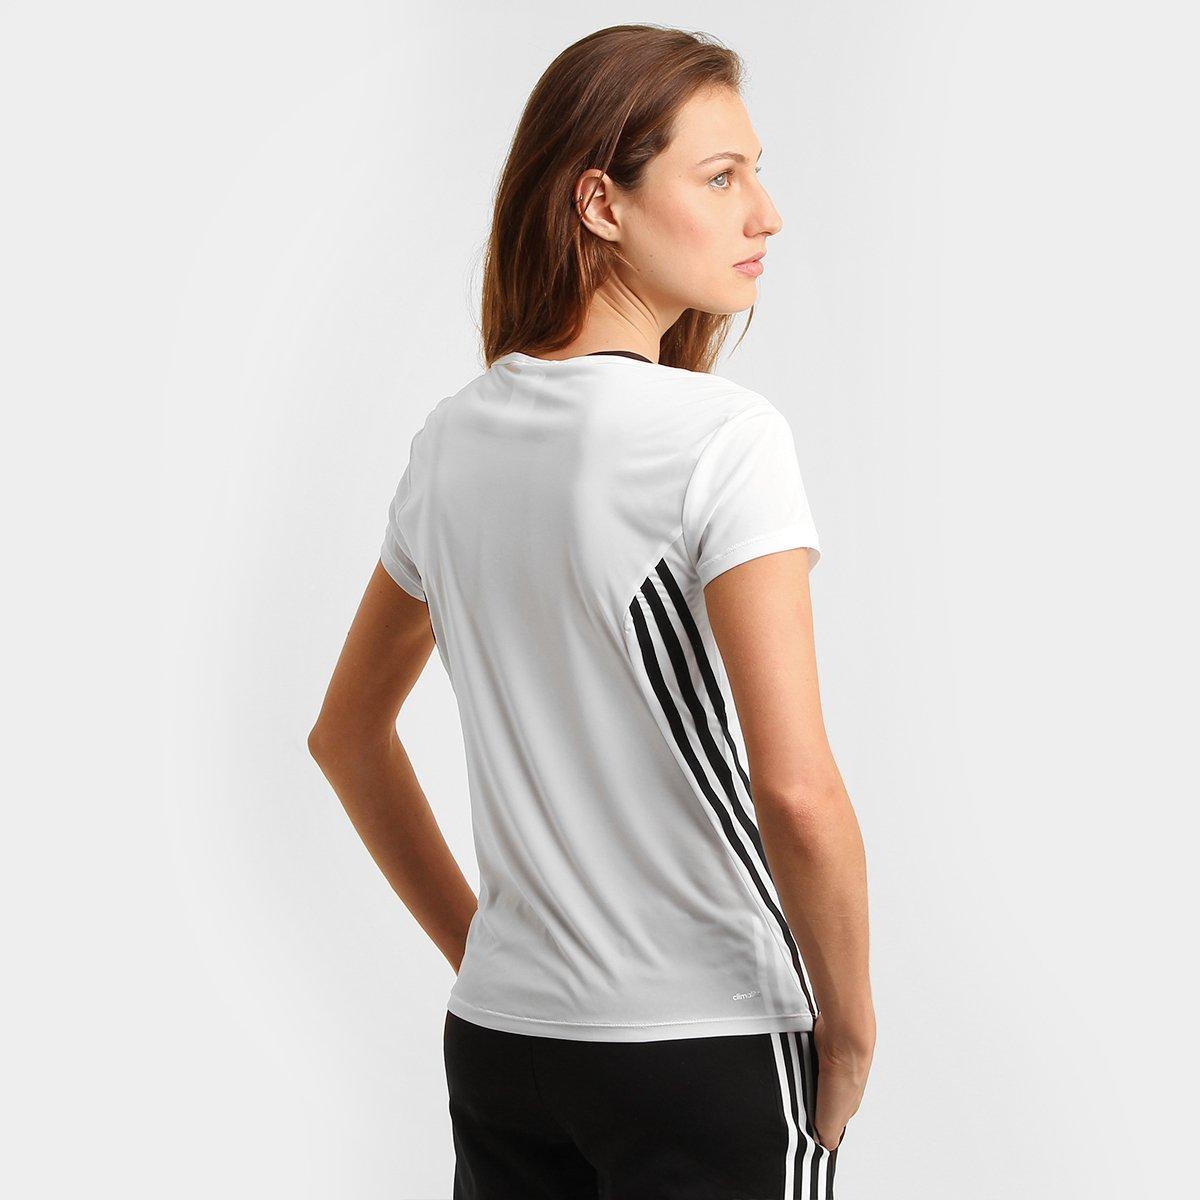 Camiseta Adidas ESS Clima 3S LW Feminina - Branco e Preto - Compre ... 146be5eb3e797